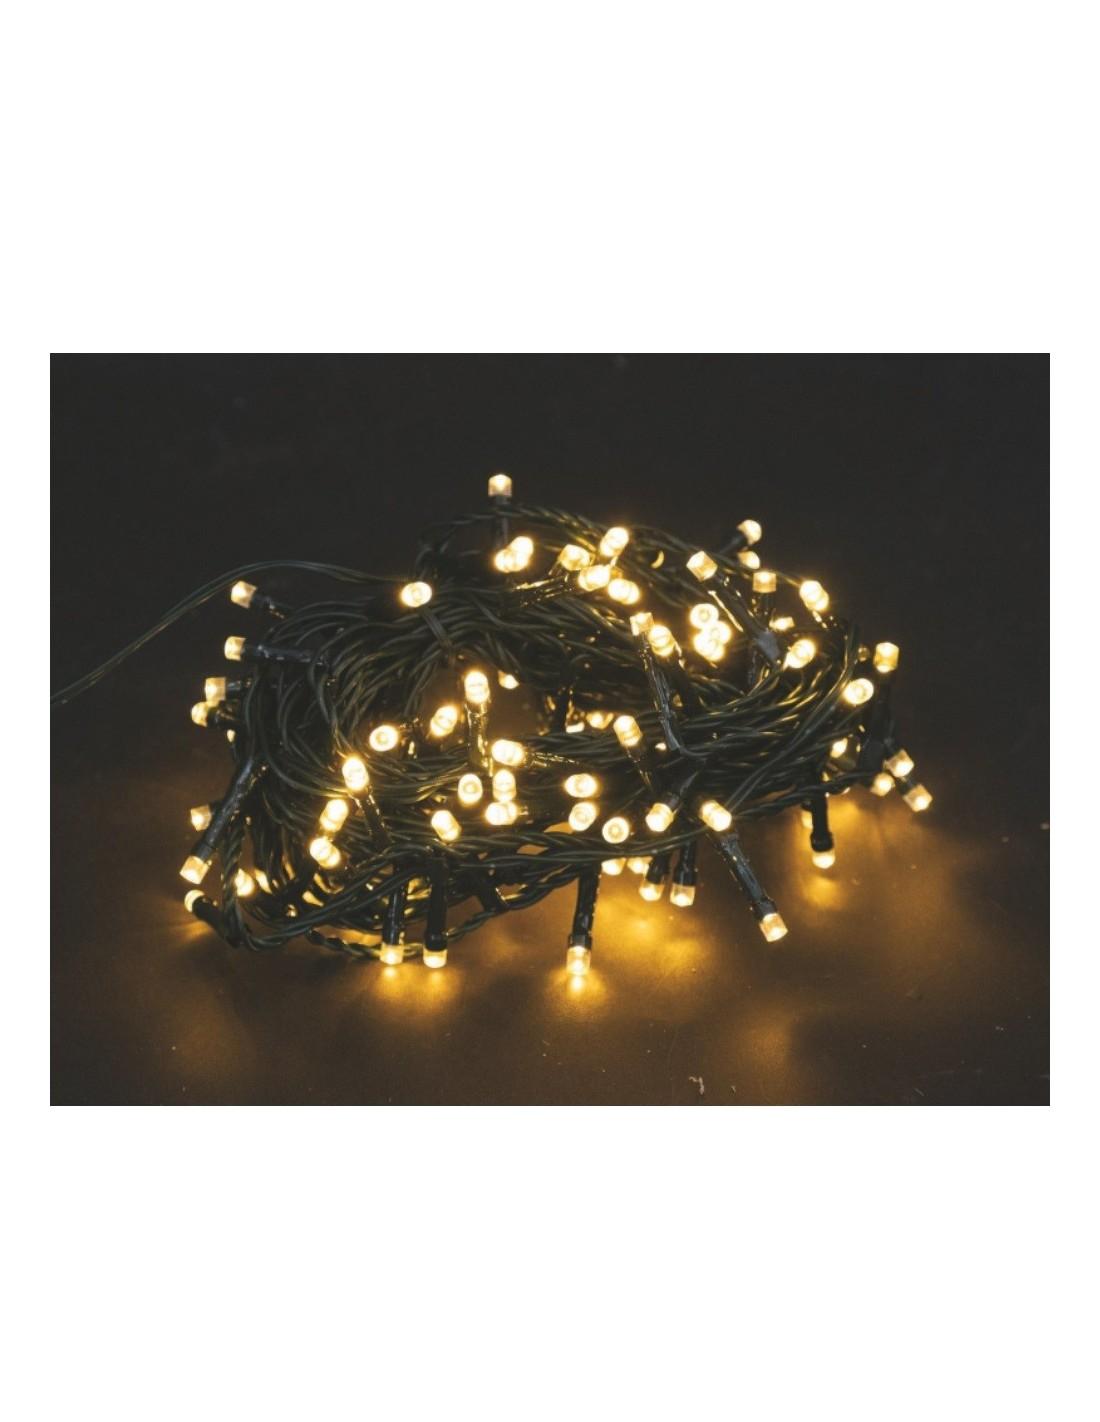 Catena Luminosa Per Foto catena luminosa 1500 led colore bianco caldo cavo verde per esterno 60  metri euronatale a soli 49,90 €